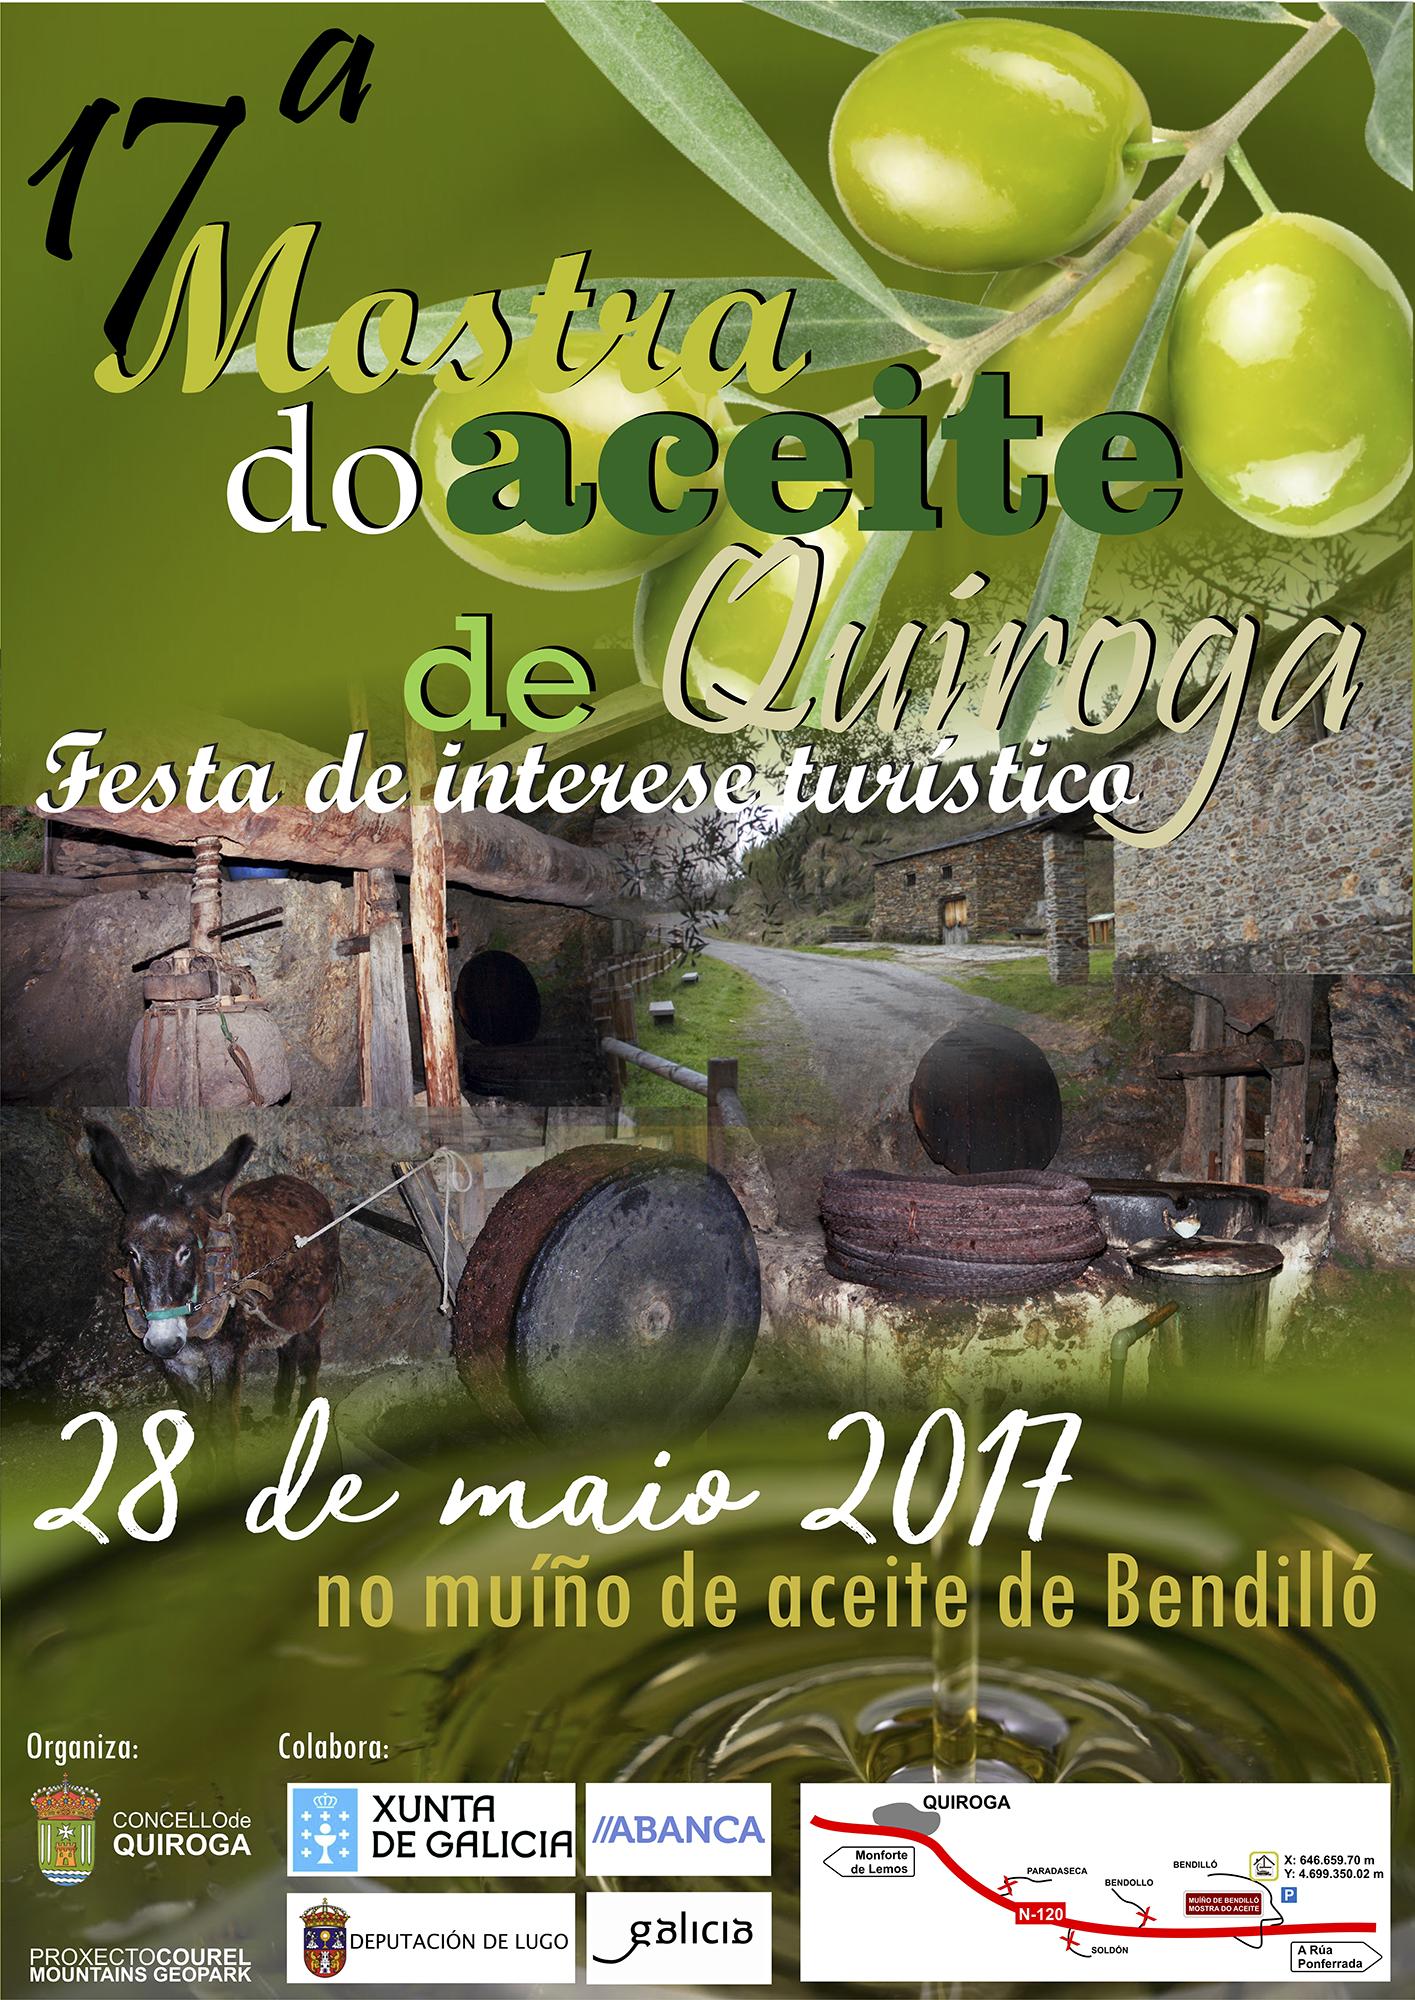 Cartel de la 17ª Muestra del aceite de Quiroga en el molino de Bendilló